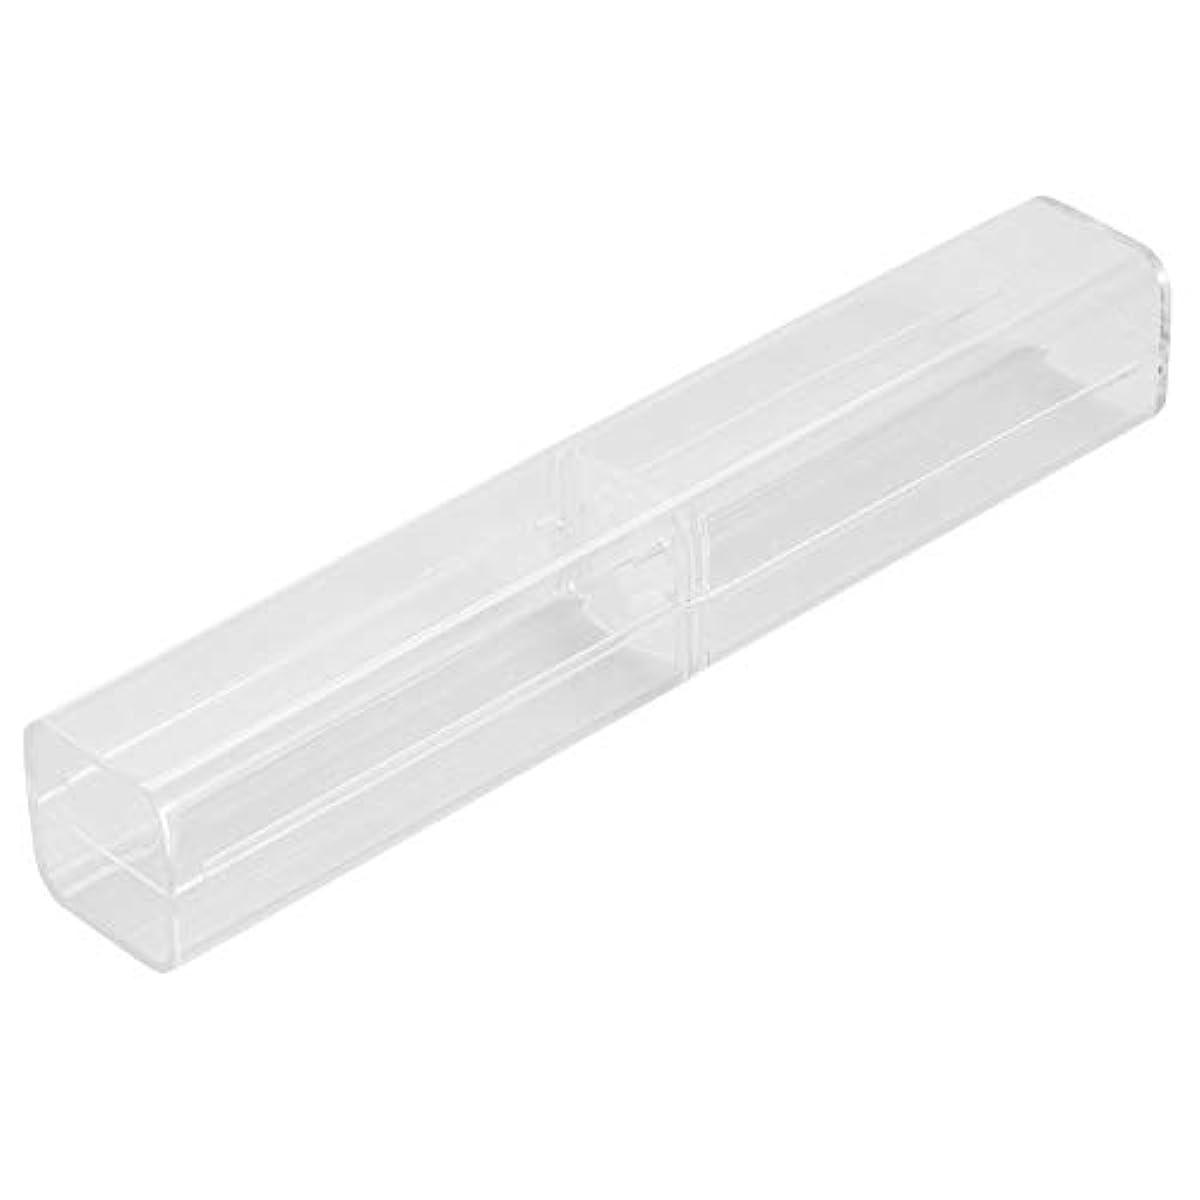 グッゲンハイム美術館コンペ器具1ピース収納ボックス - 手動ペン眉毛タトゥークリアケース透明収納ボックス、収納ボックス - タトゥーコンテナ